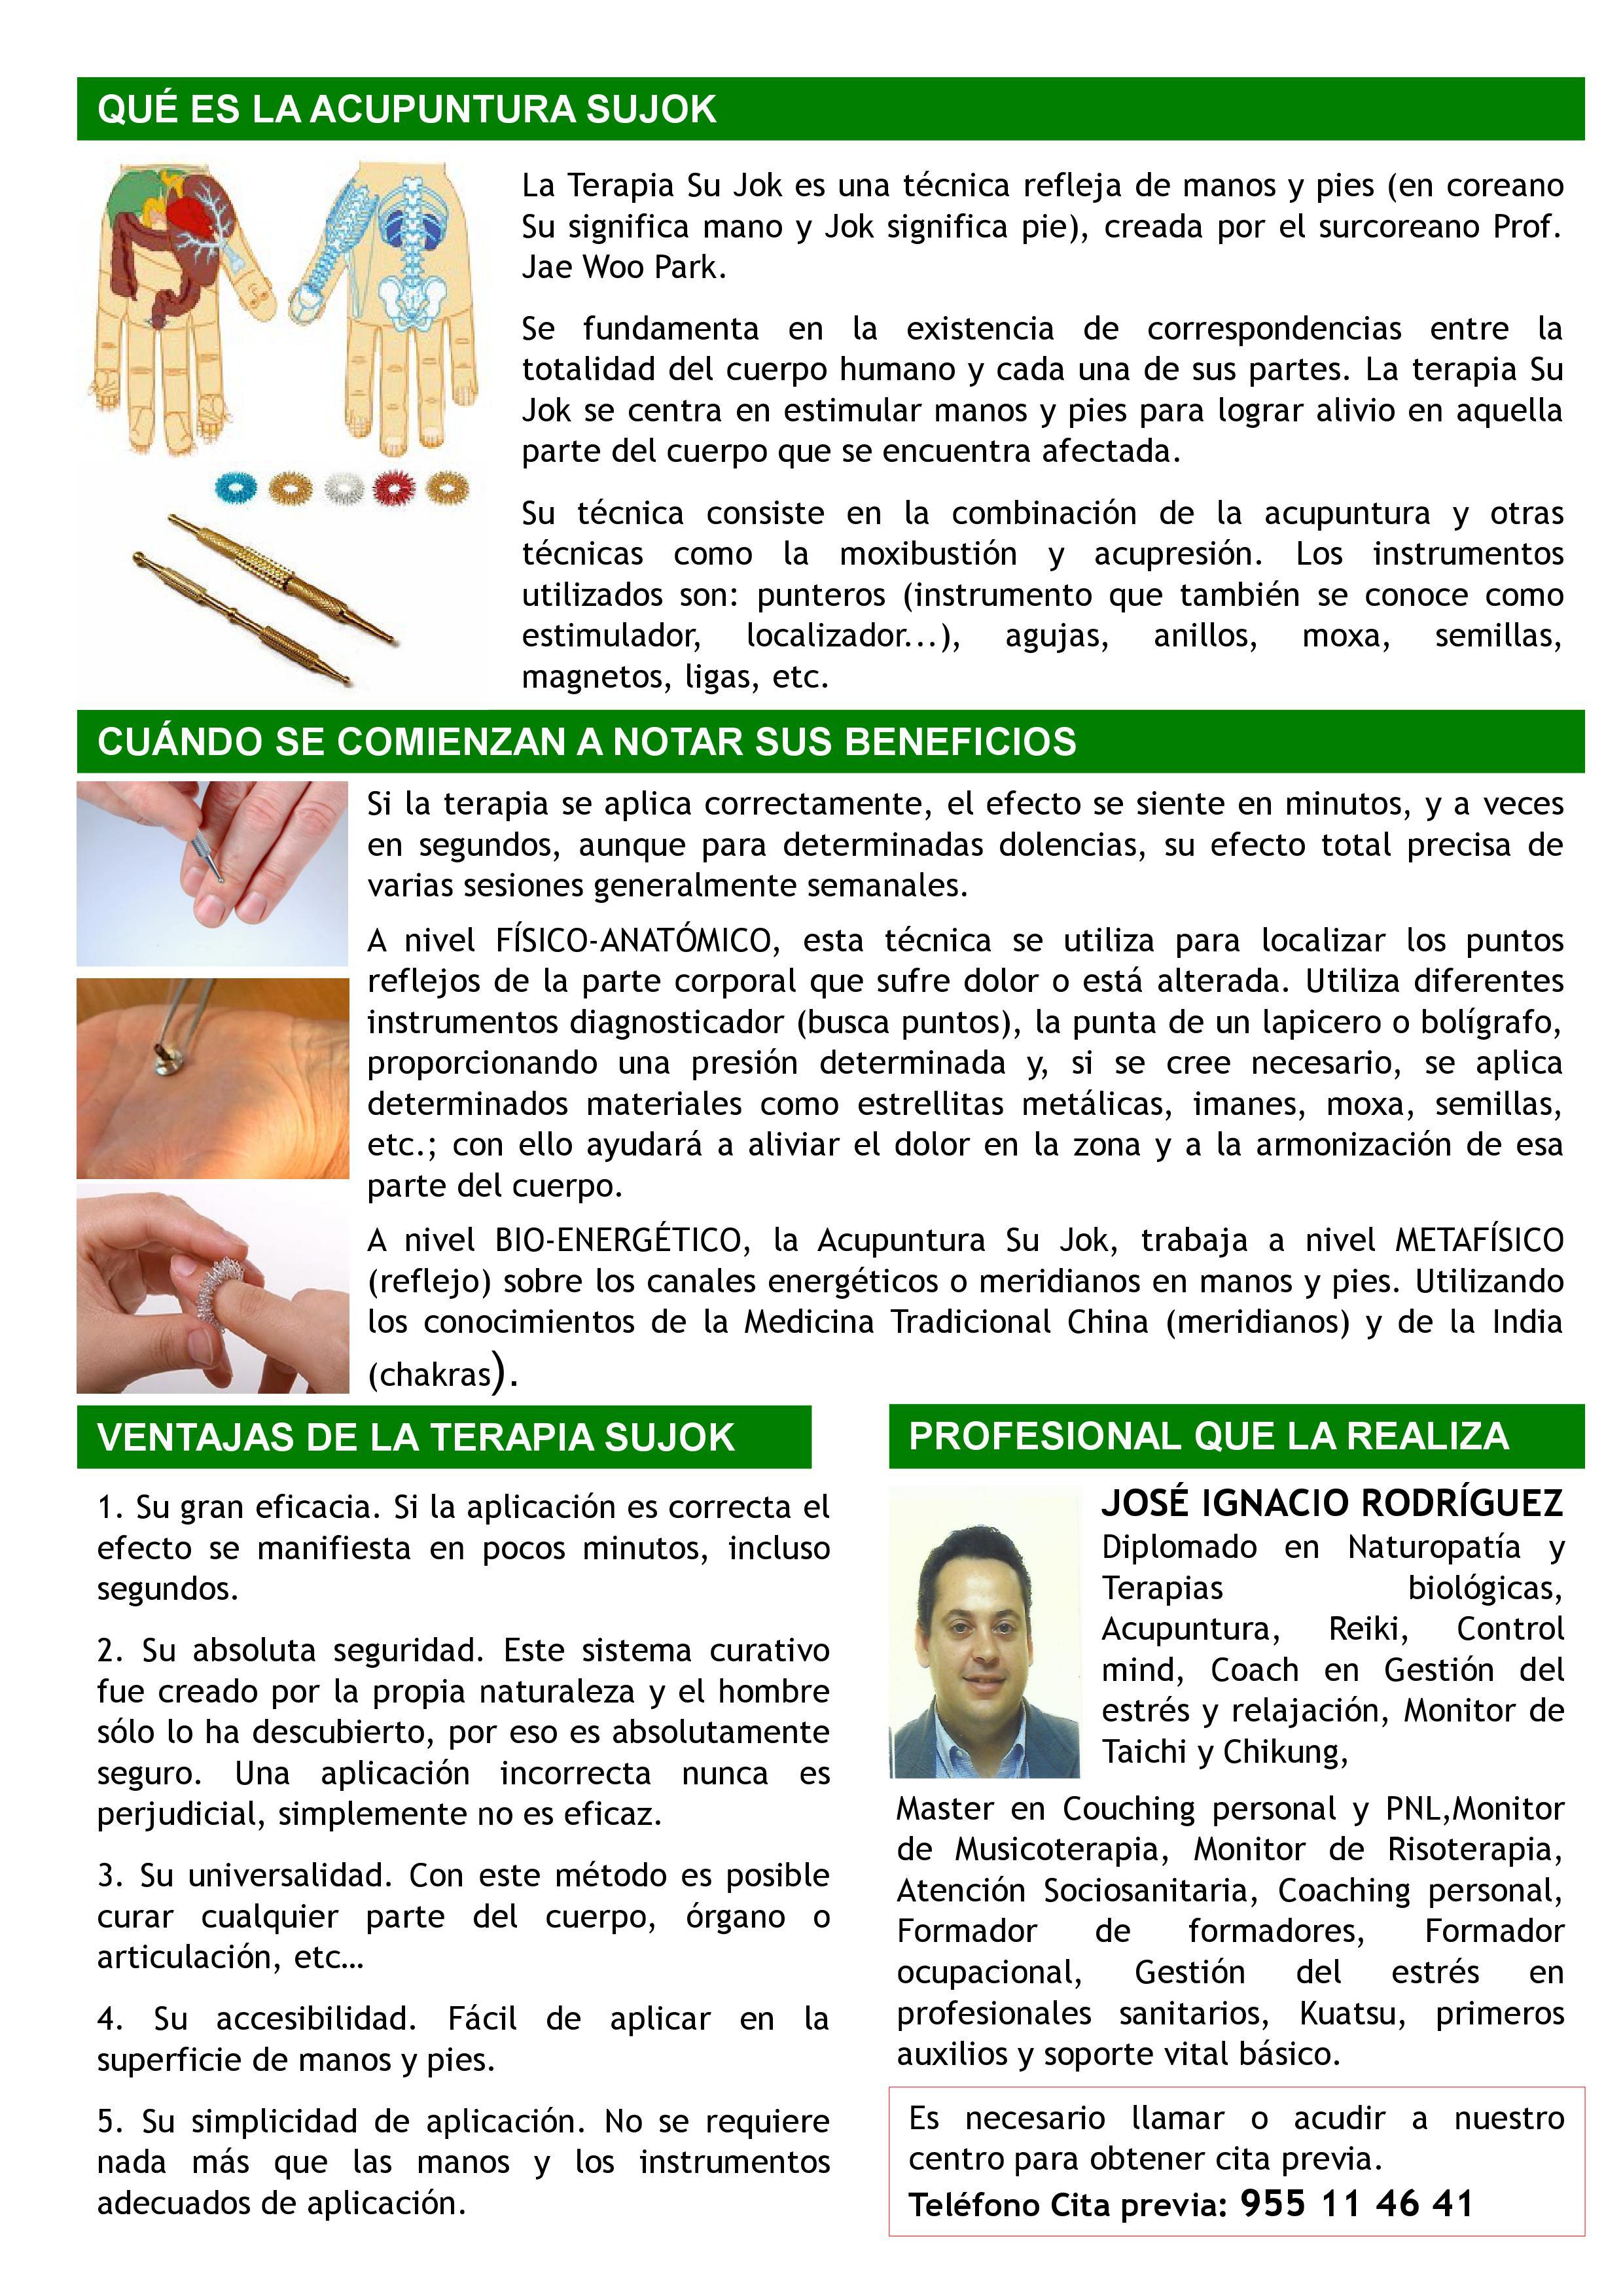 acupuntura sujok 2